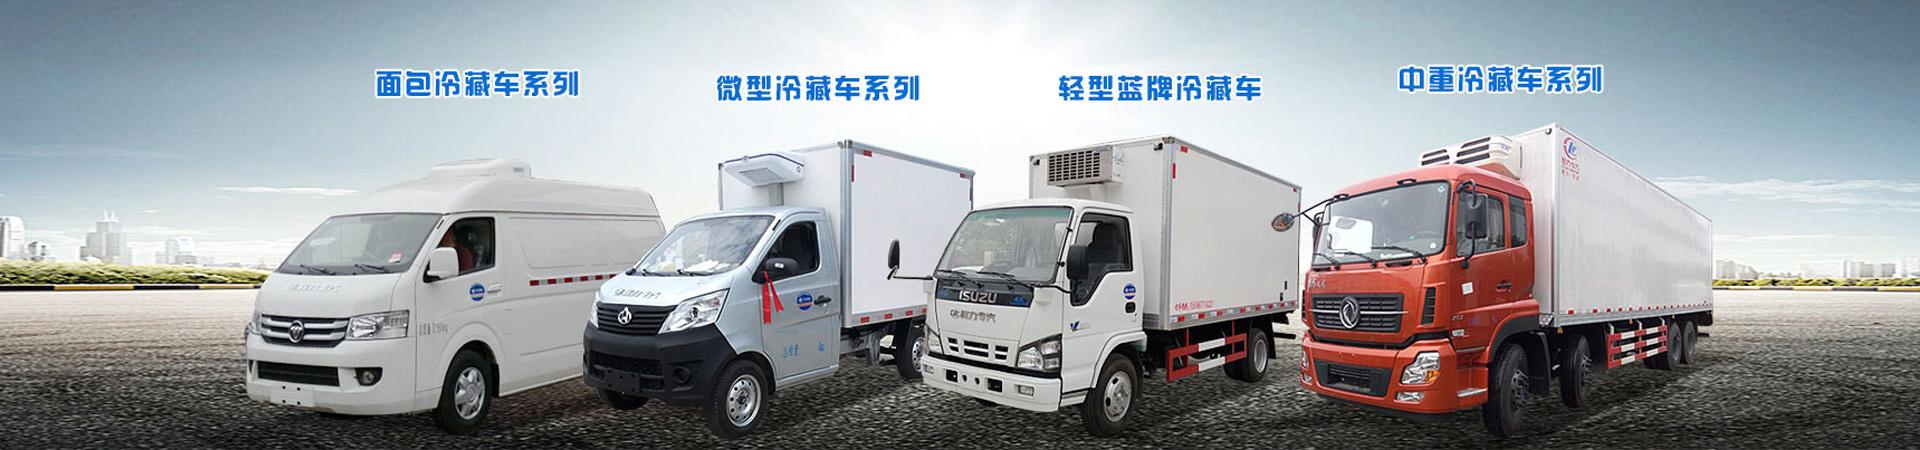 垃圾车车载音响养护的经验-程力专用汽车股份有限公司